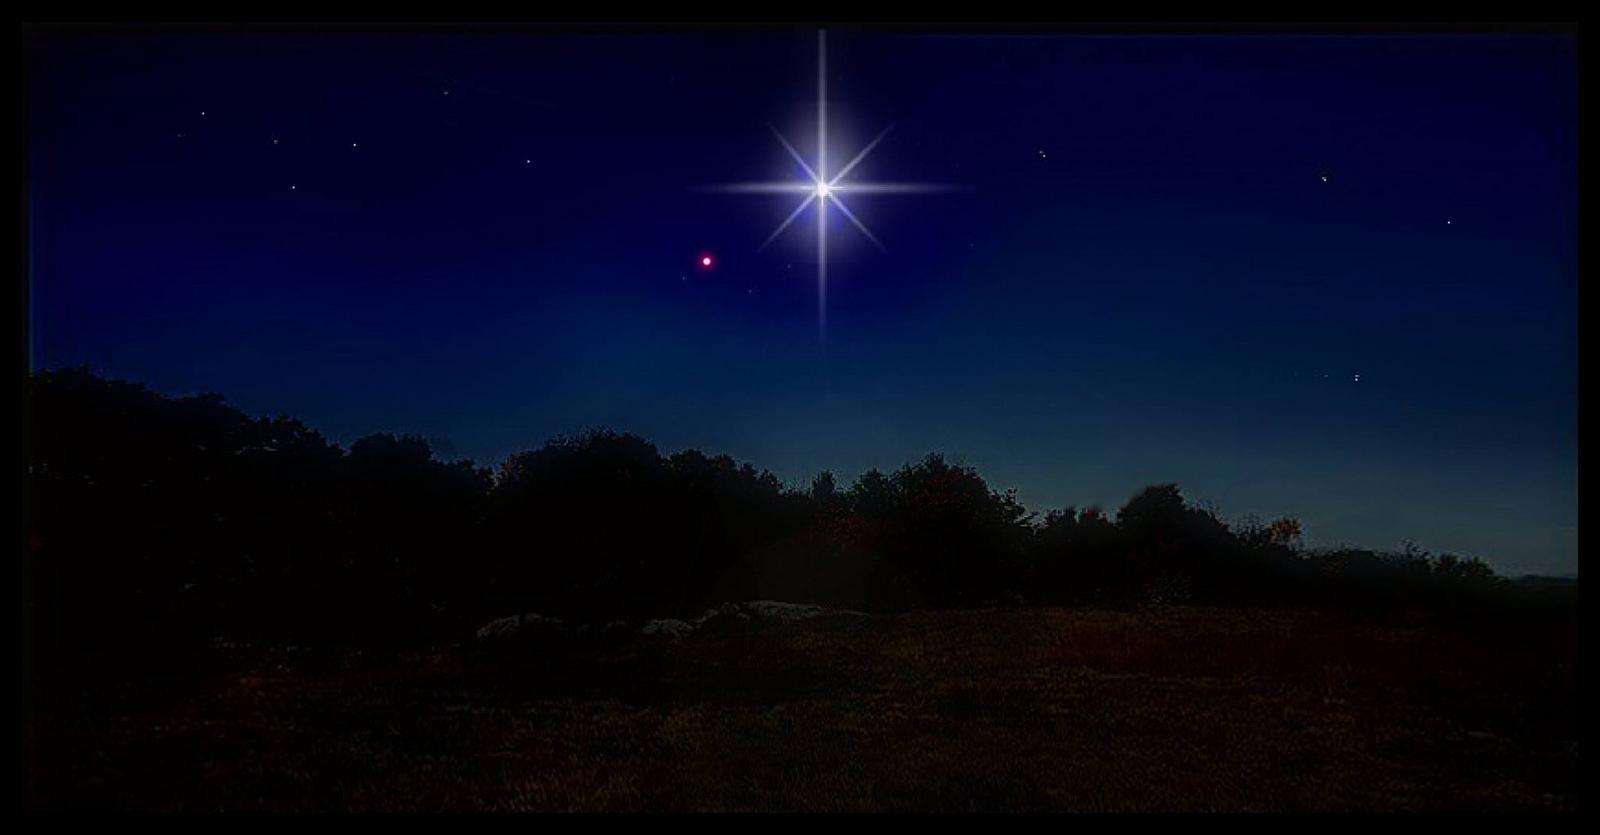 ¿Quiénes Eran los Reyes Magos y de Dónde Venían?